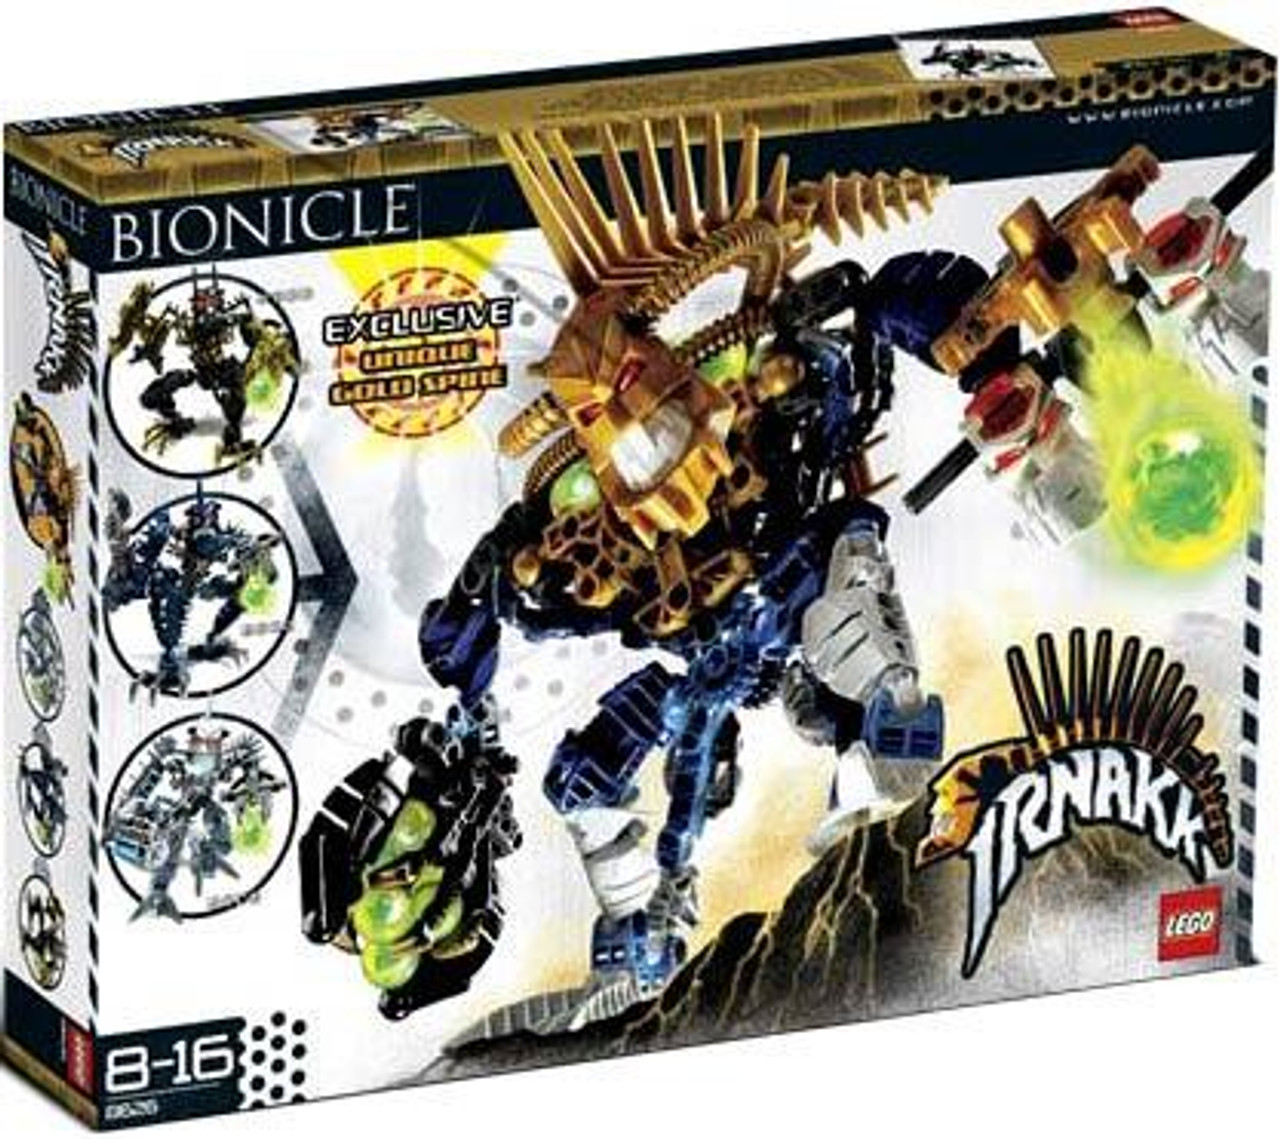 LEGO Bionicle Irnakk Exclusive Set #8626